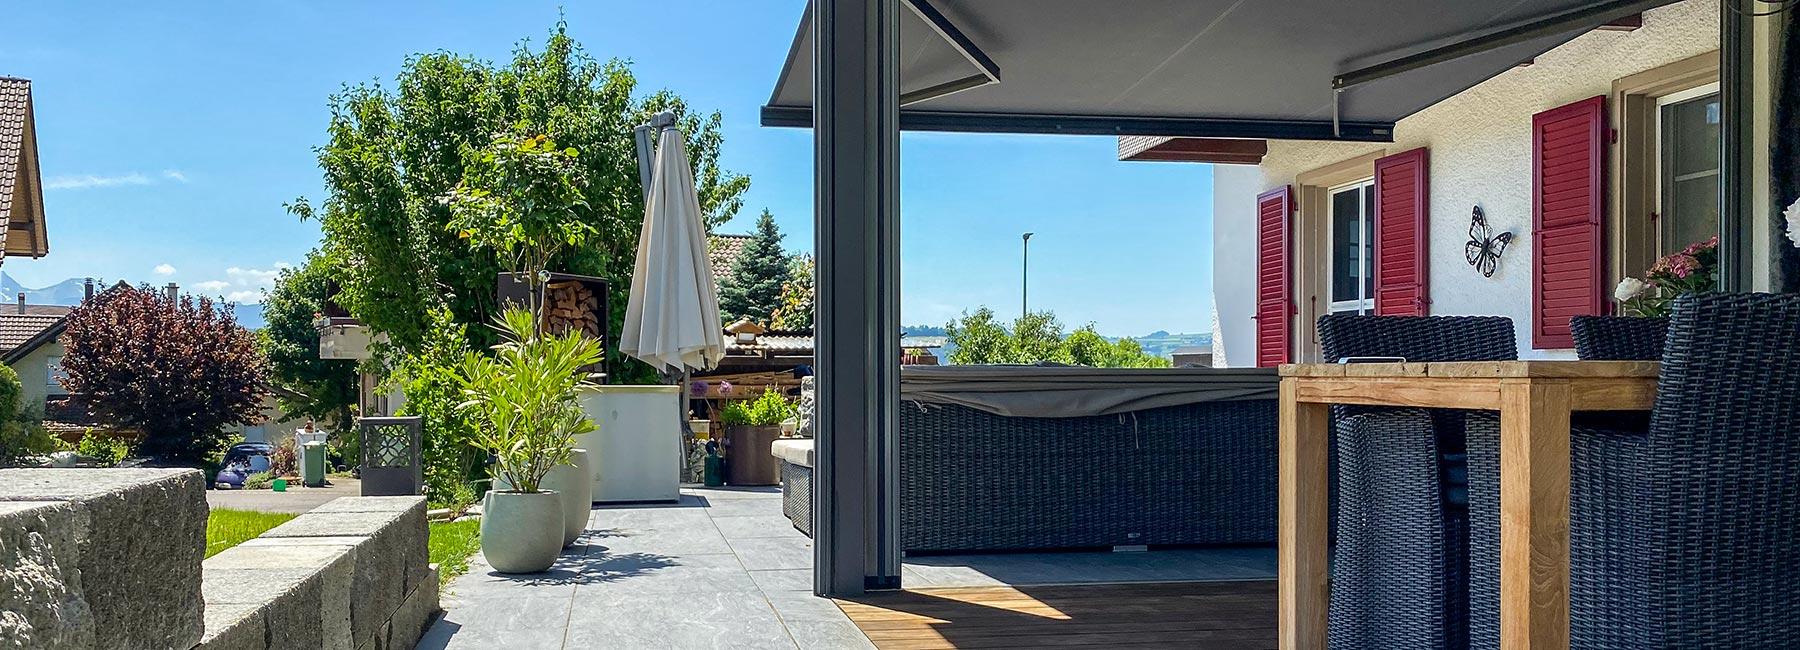 Terrassenüberdachung Lounge BERNA, Sitzplatzüberdachung – Terrassenüberdachung – Glasdach – Lamellenpergola – Lamellendach – Wetterschutz für Möbel – Stobag – SunParadise – Nyon – Terrado – Hawaii40 – CUBO - Schutz vor Wind, Regen und Schnee – geschützte Terrasse -